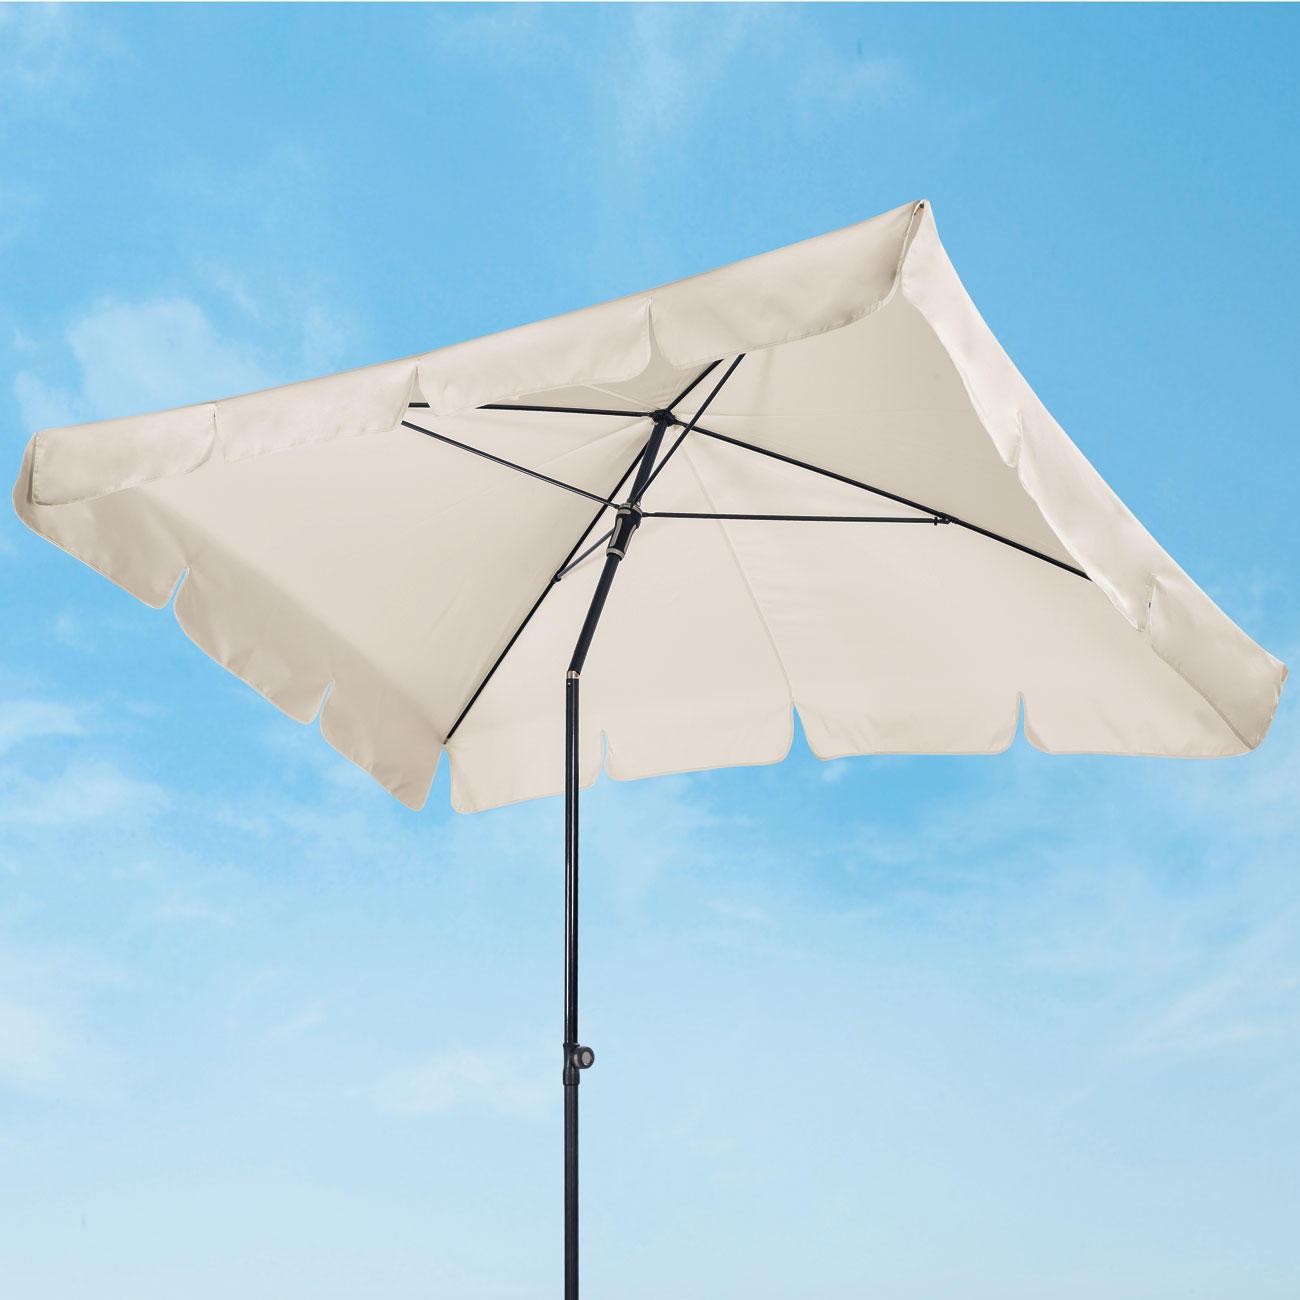 balkonschirm sunline waterproof iii terrakotta l 225 x 120 cm. Black Bedroom Furniture Sets. Home Design Ideas